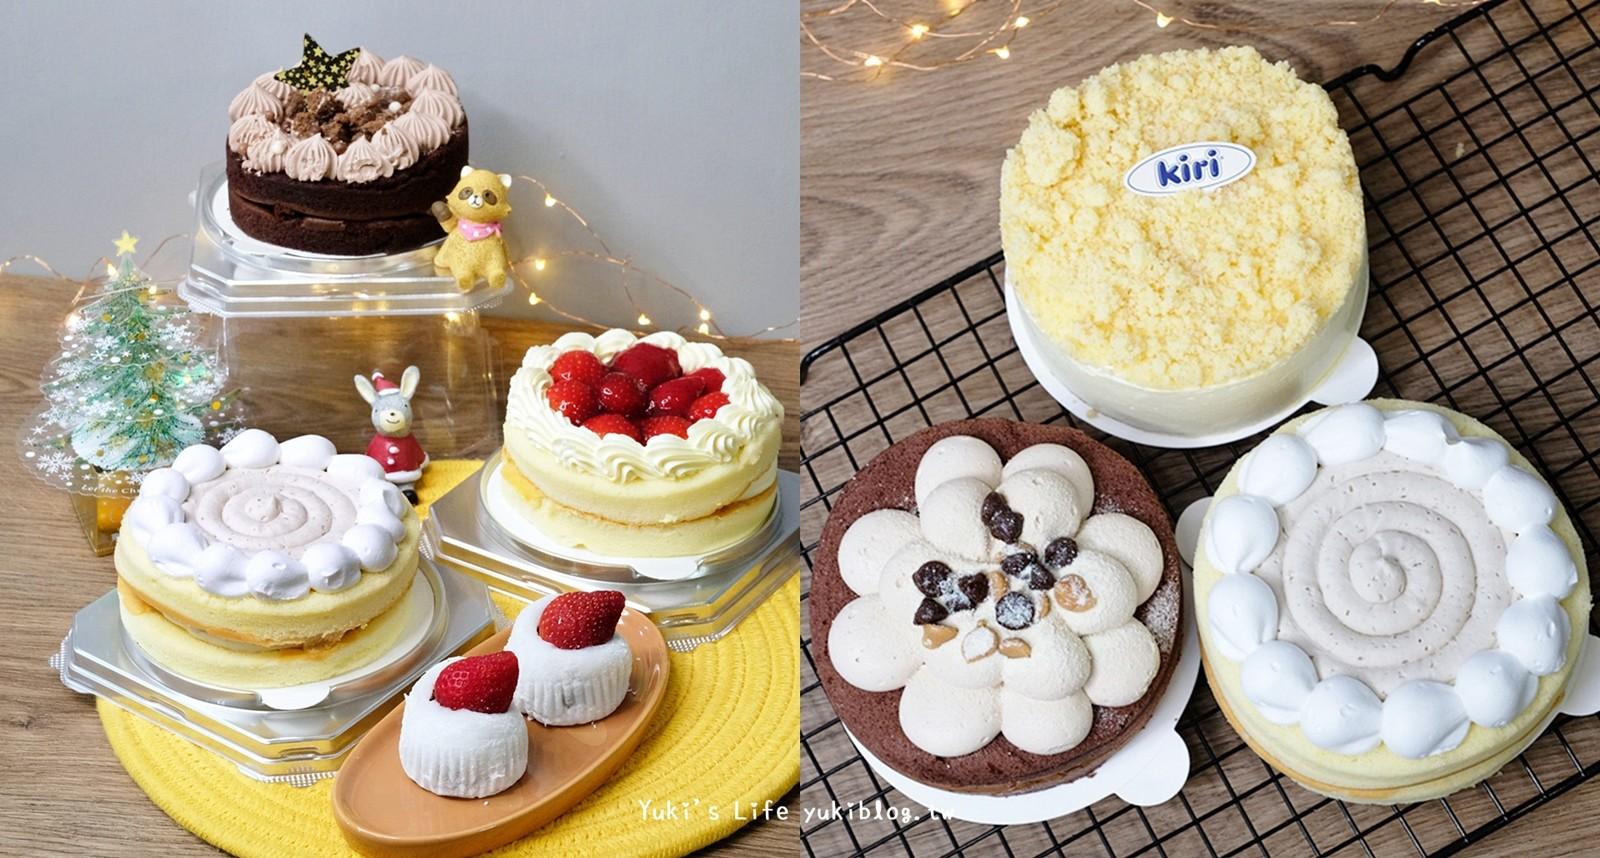 大家都在买的全联蛋糕!盒底还有附超贴心小物~芋泥、草莓蛋糕超高人气! - yukiblog.tw